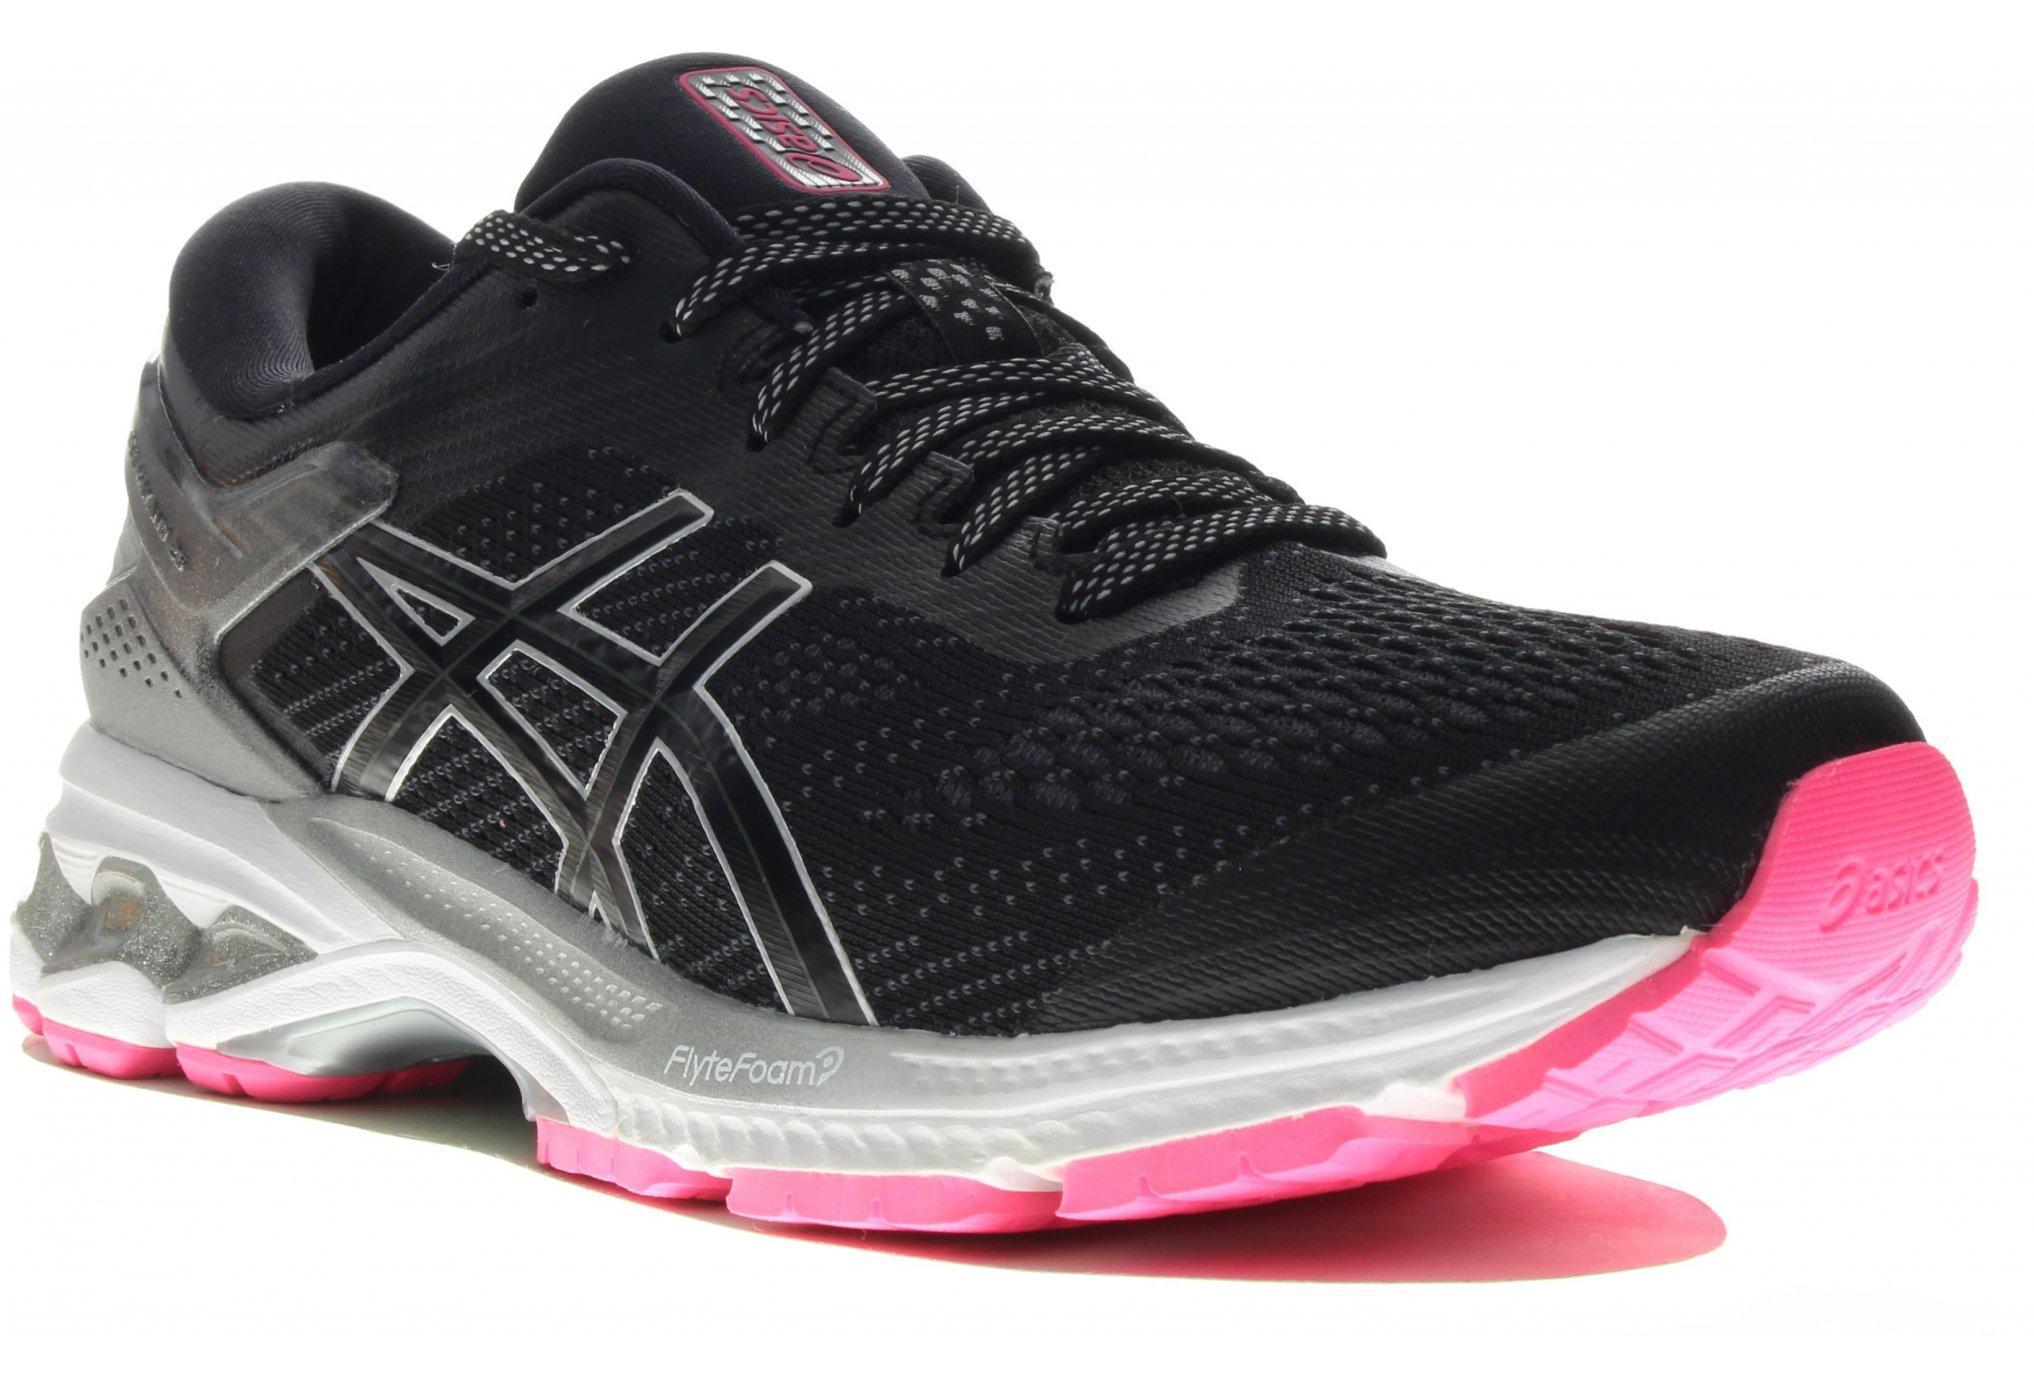 Asics Gel Kayano 26 Expert W Chaussures running femme